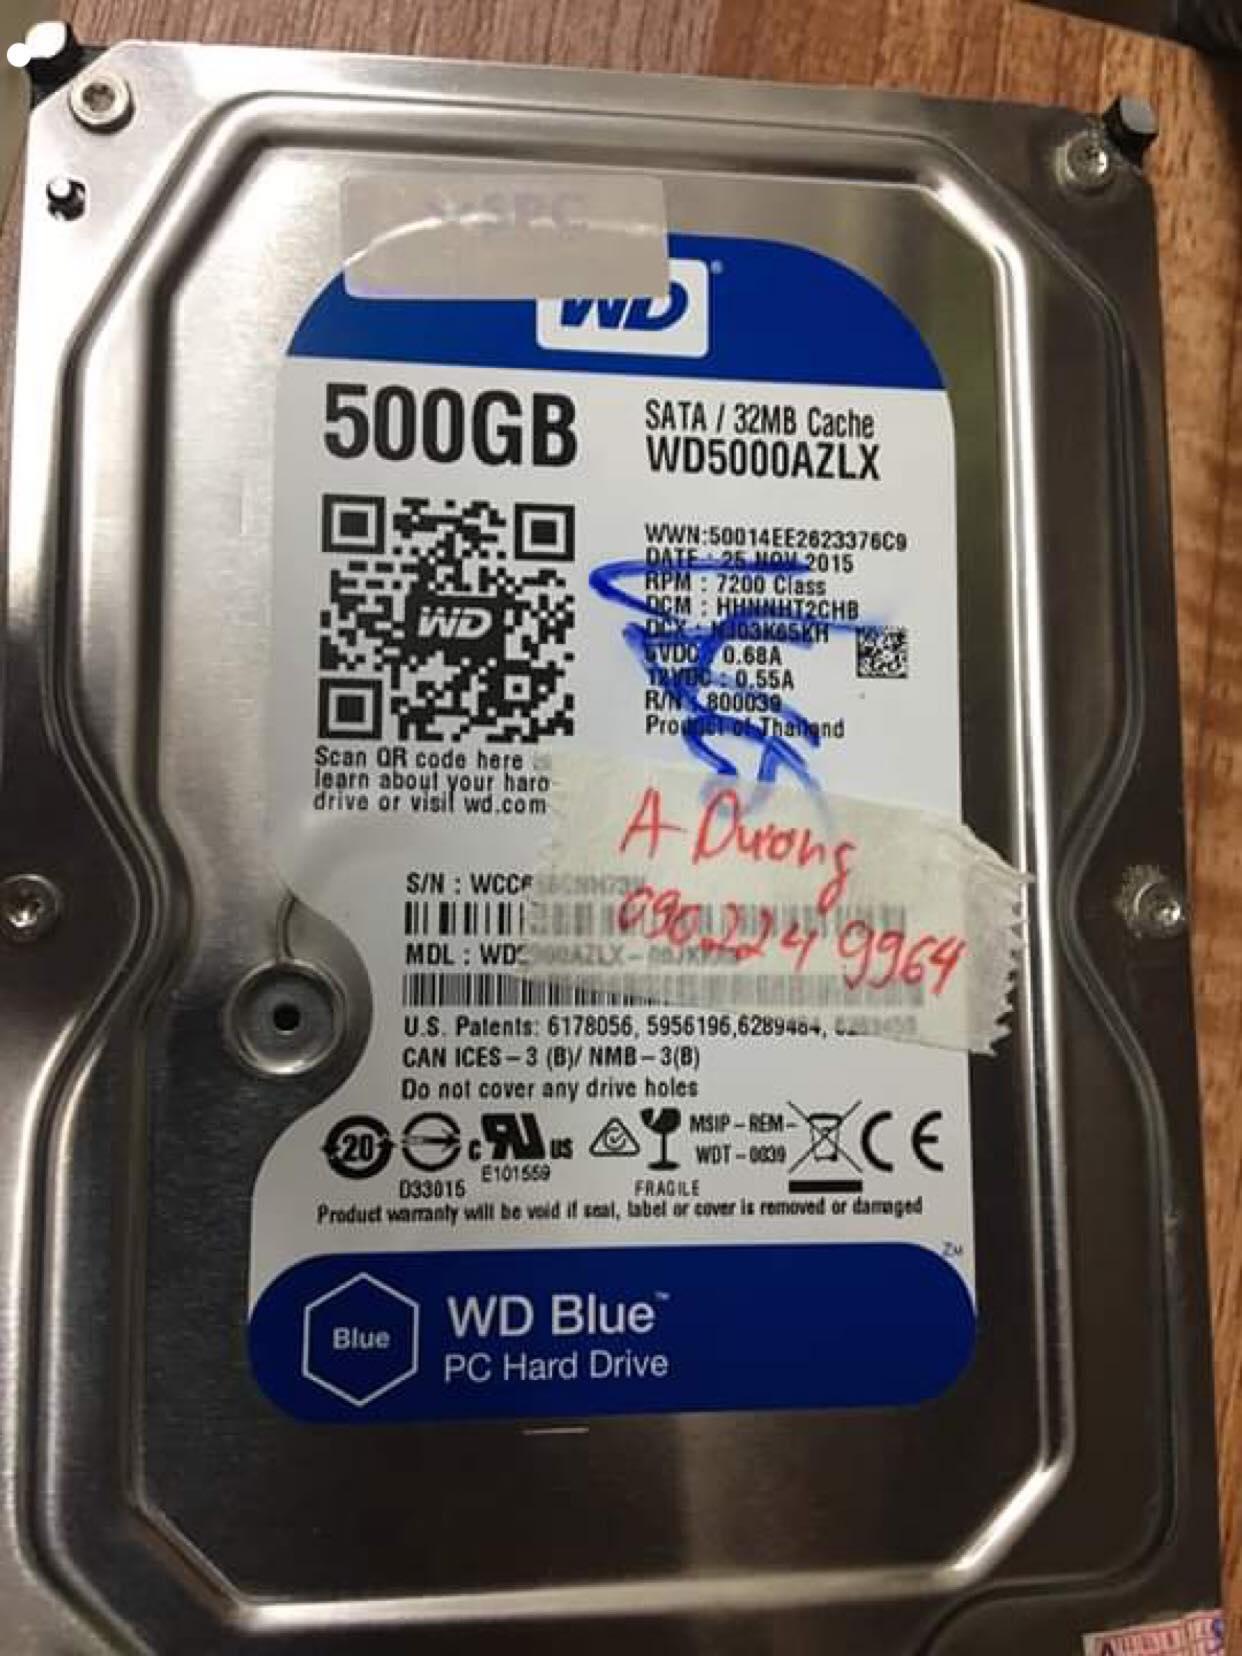 Phục hồi dữ liệu ổ cứng Western 500GB không nhận 05/06/2019 - cuumaytinh